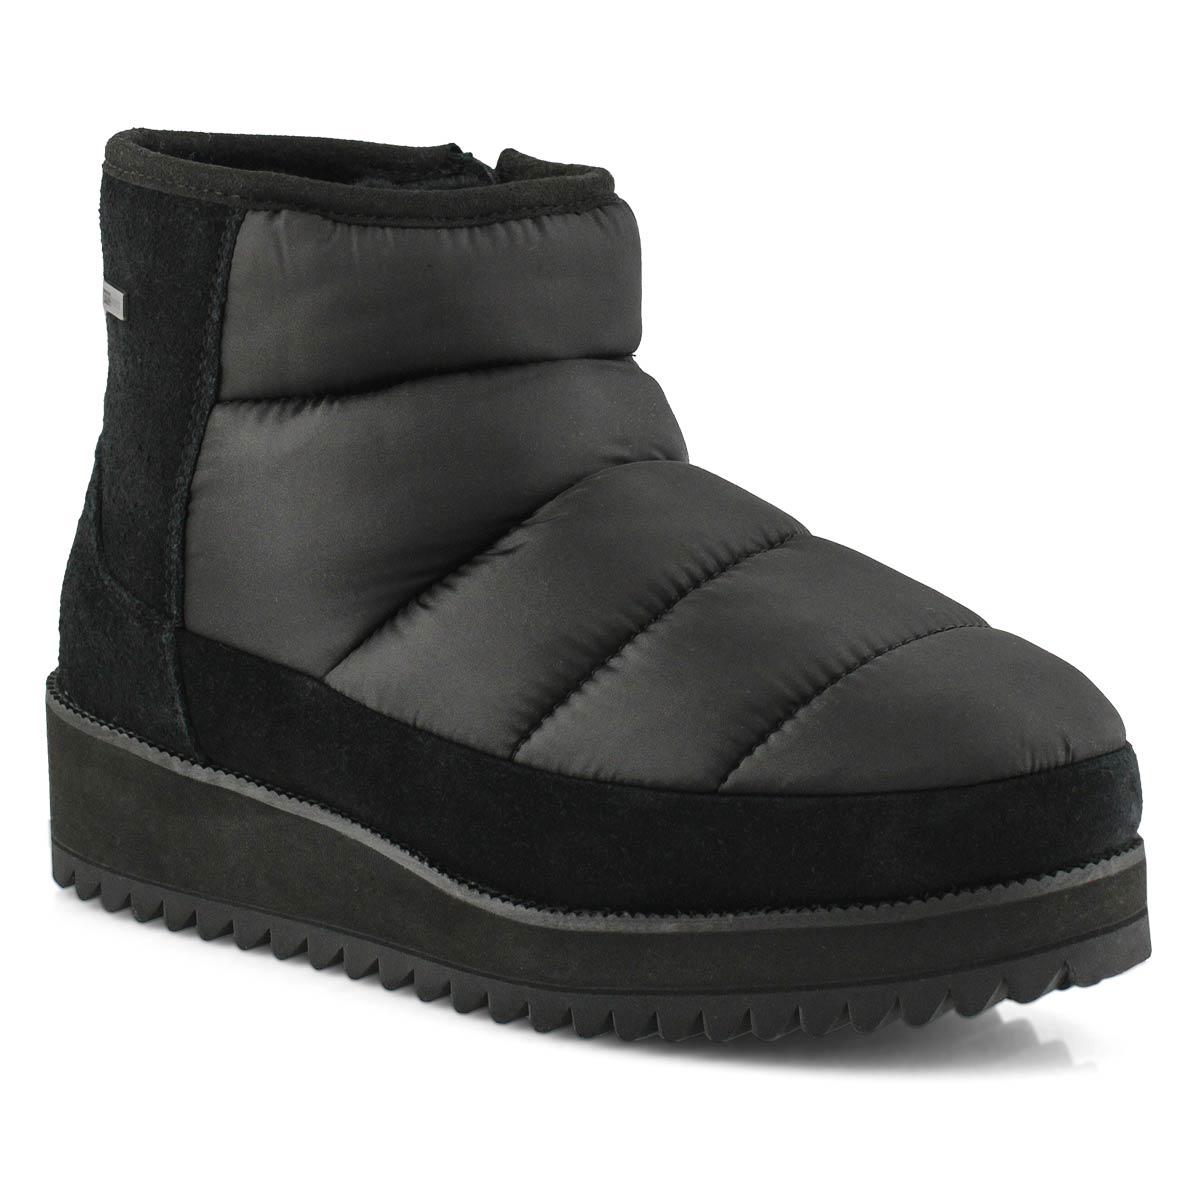 Women's Ridge Mini Waterproof Ankle Boot - Black